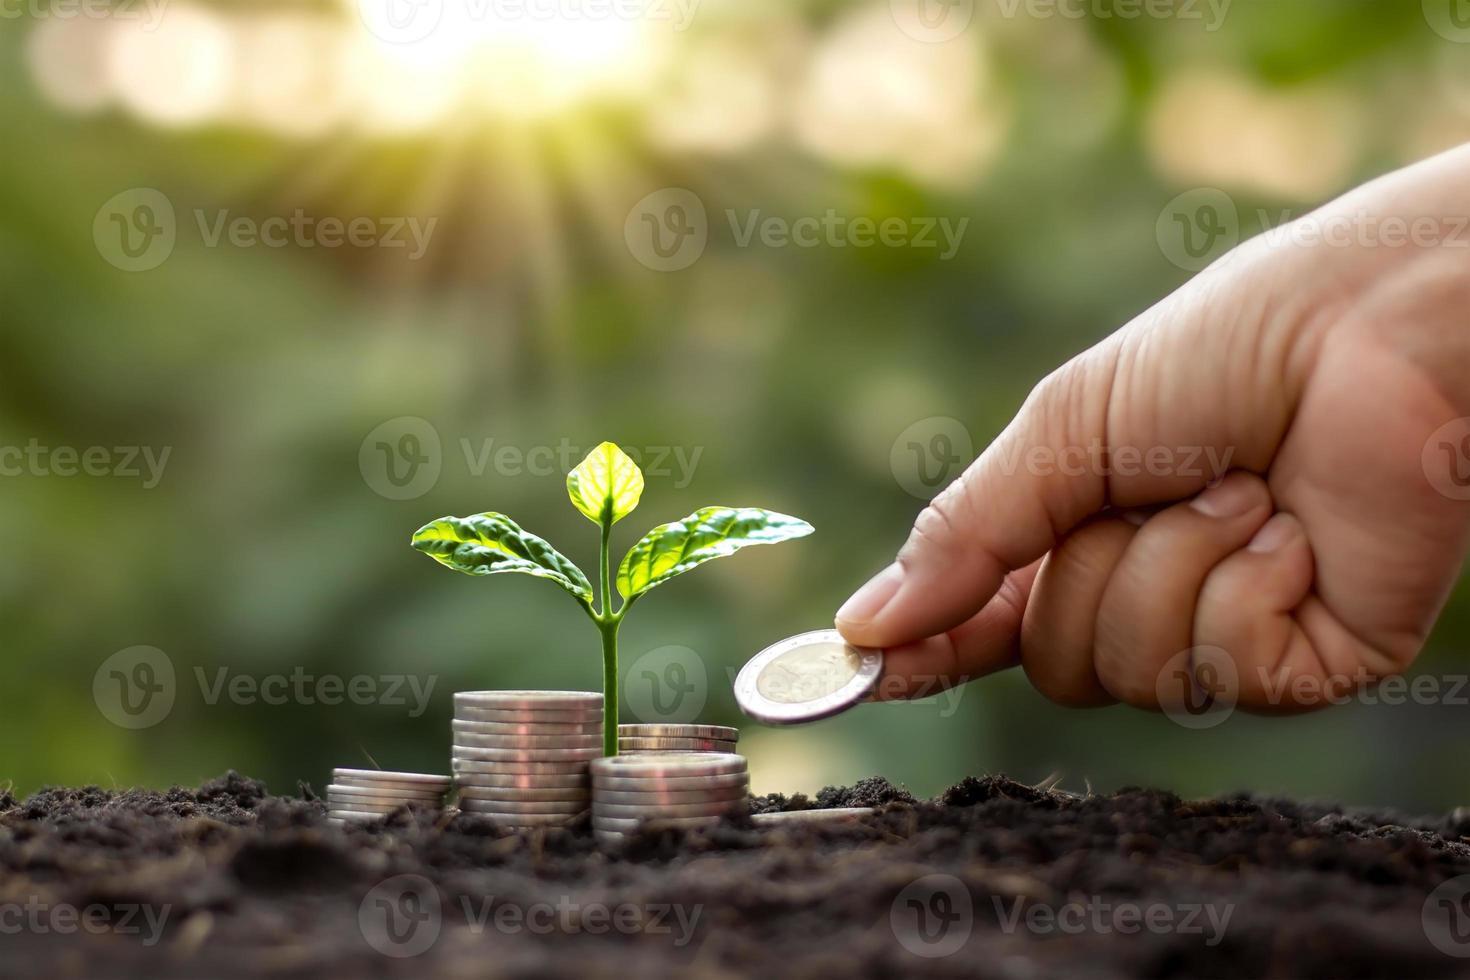 árbol con hojas verdes que crecen a partir de monedas y fondo verde natural borrosa concepto de gestión de dinero y finanzas para pyme. foto